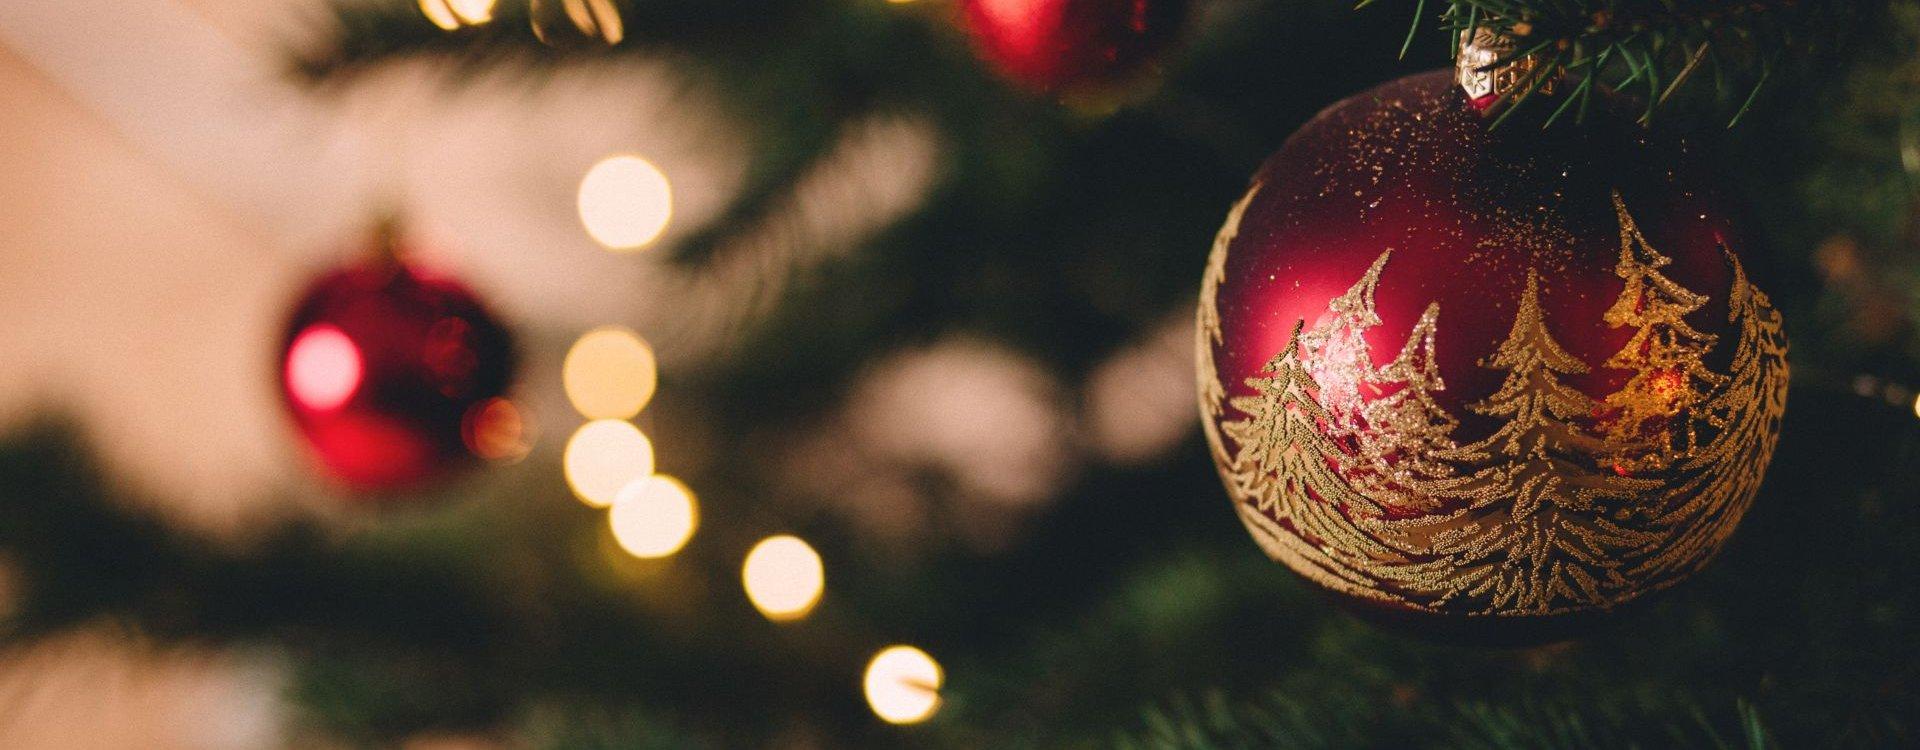 Magiczne Święta Bożego Narodzenia w Pałacu Romantycznym